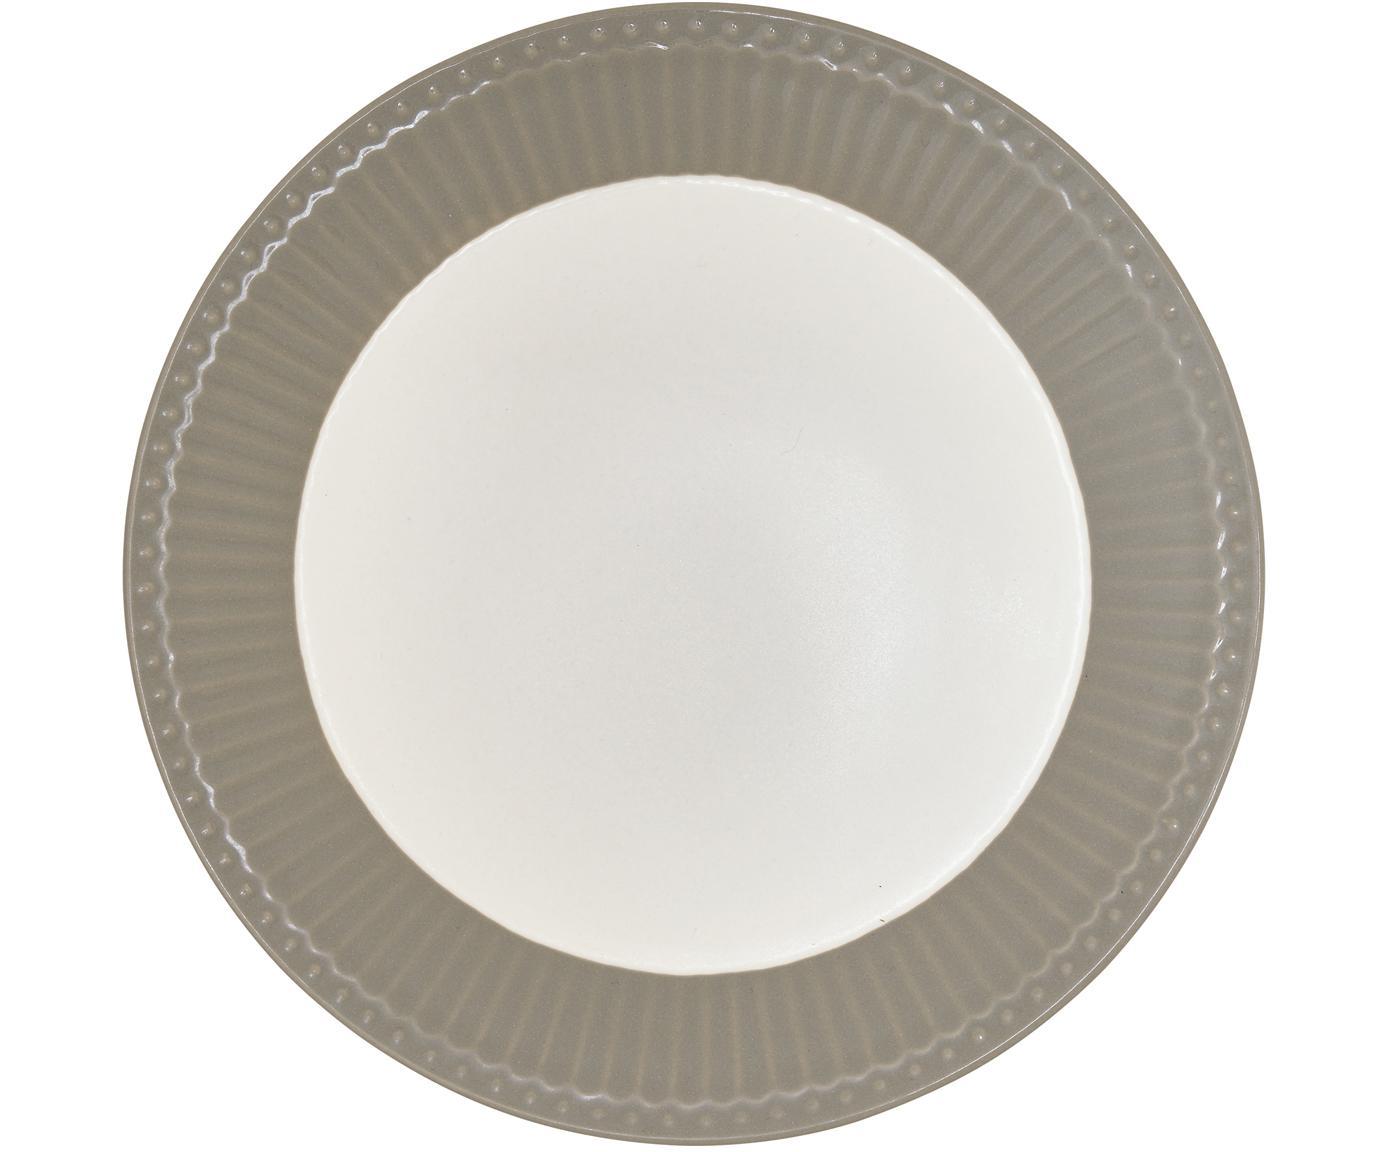 Piatto da colazione Alice 2 pz, Porcellana, Grigio, bianco, Ø 23 cm